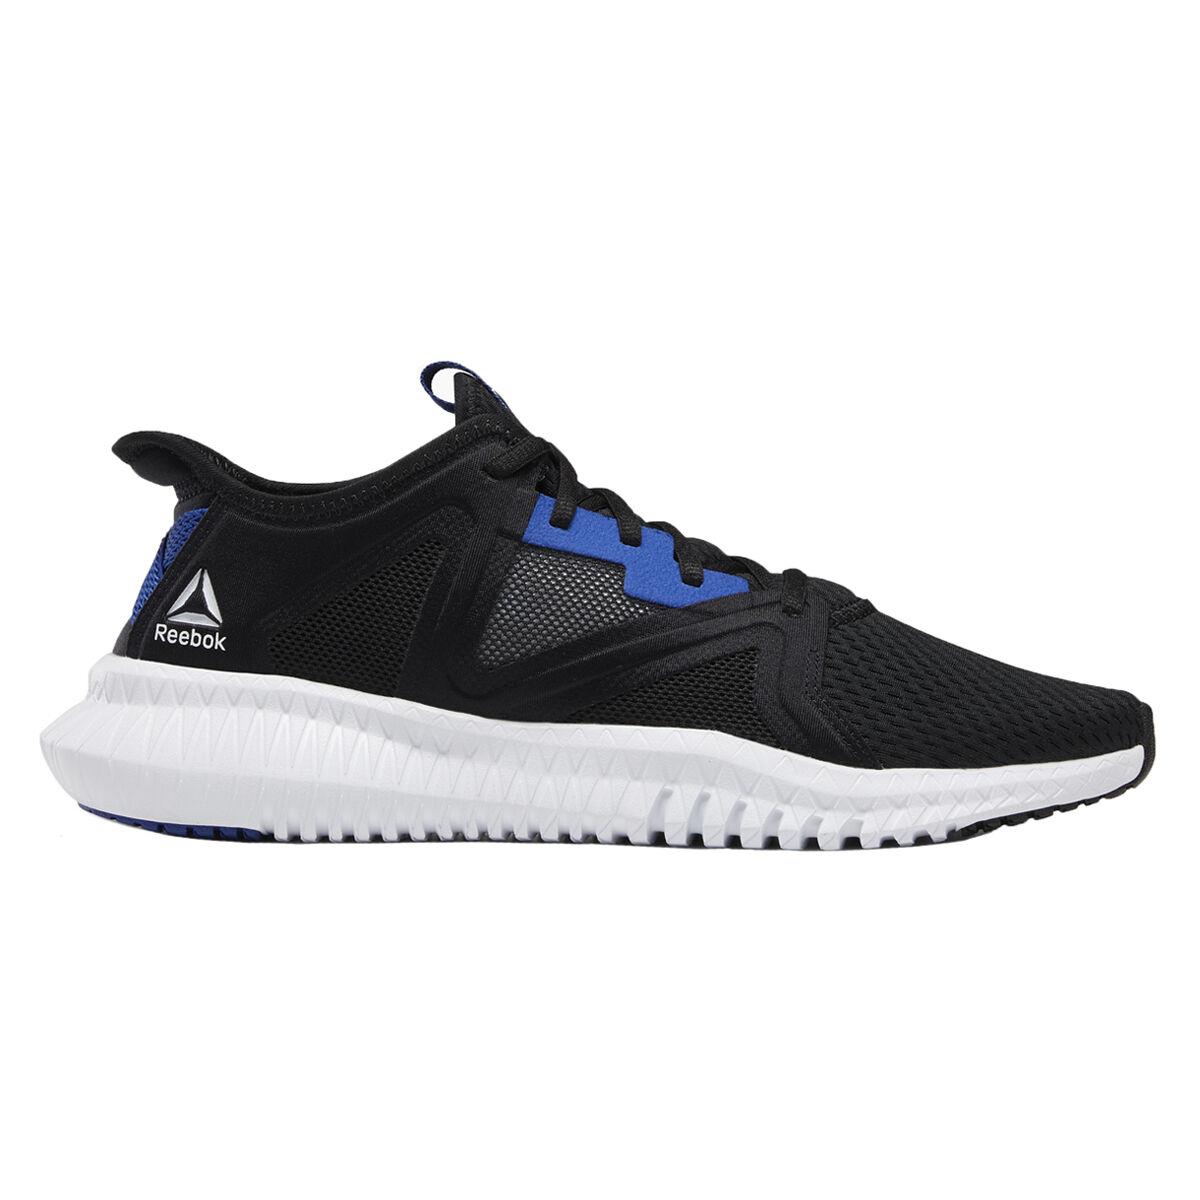 Reebok Flexagon 2.0 Mens Training Shoes